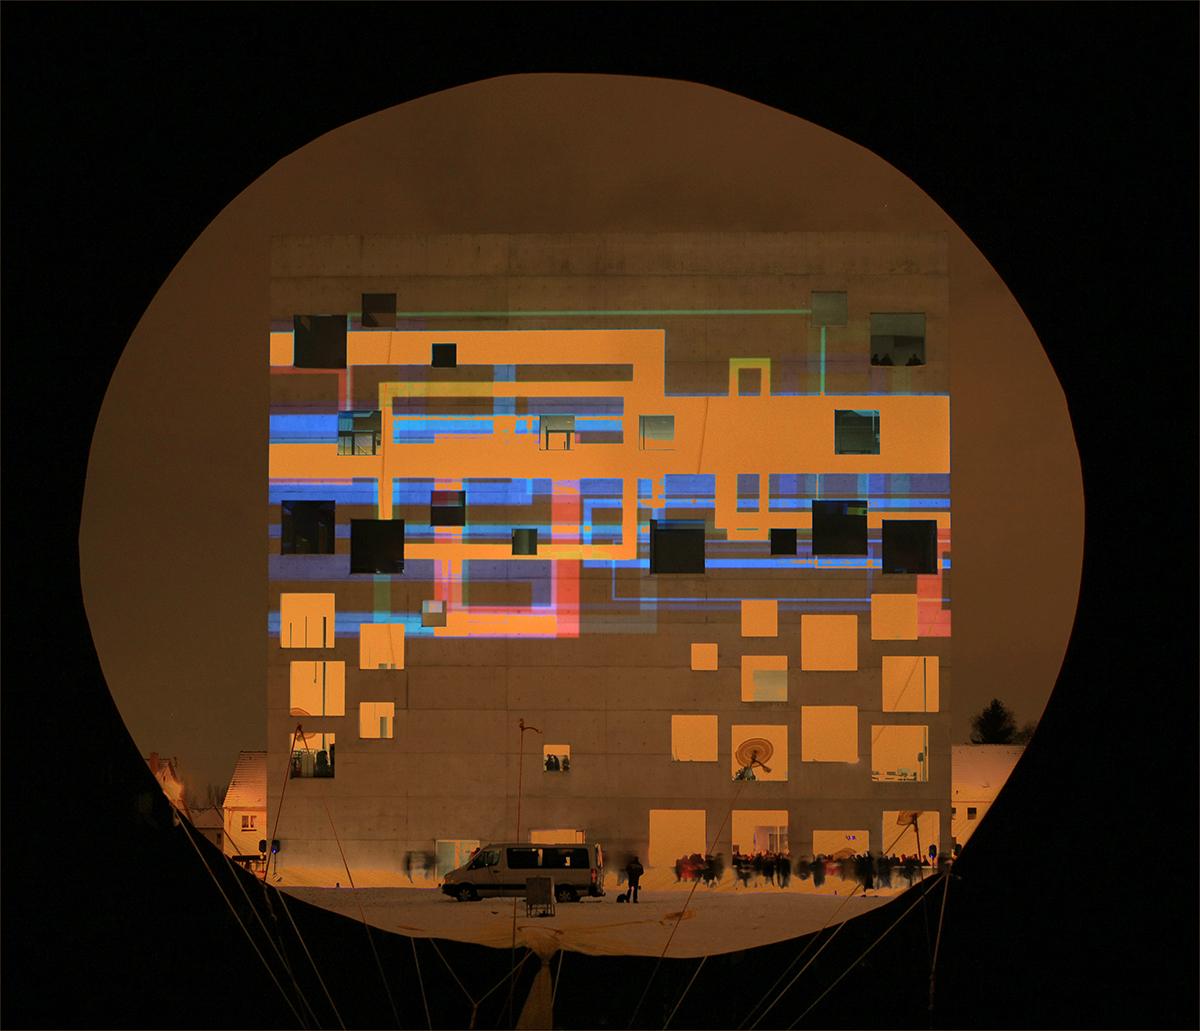 Ruhr 2010 - Quadratur des Kreises